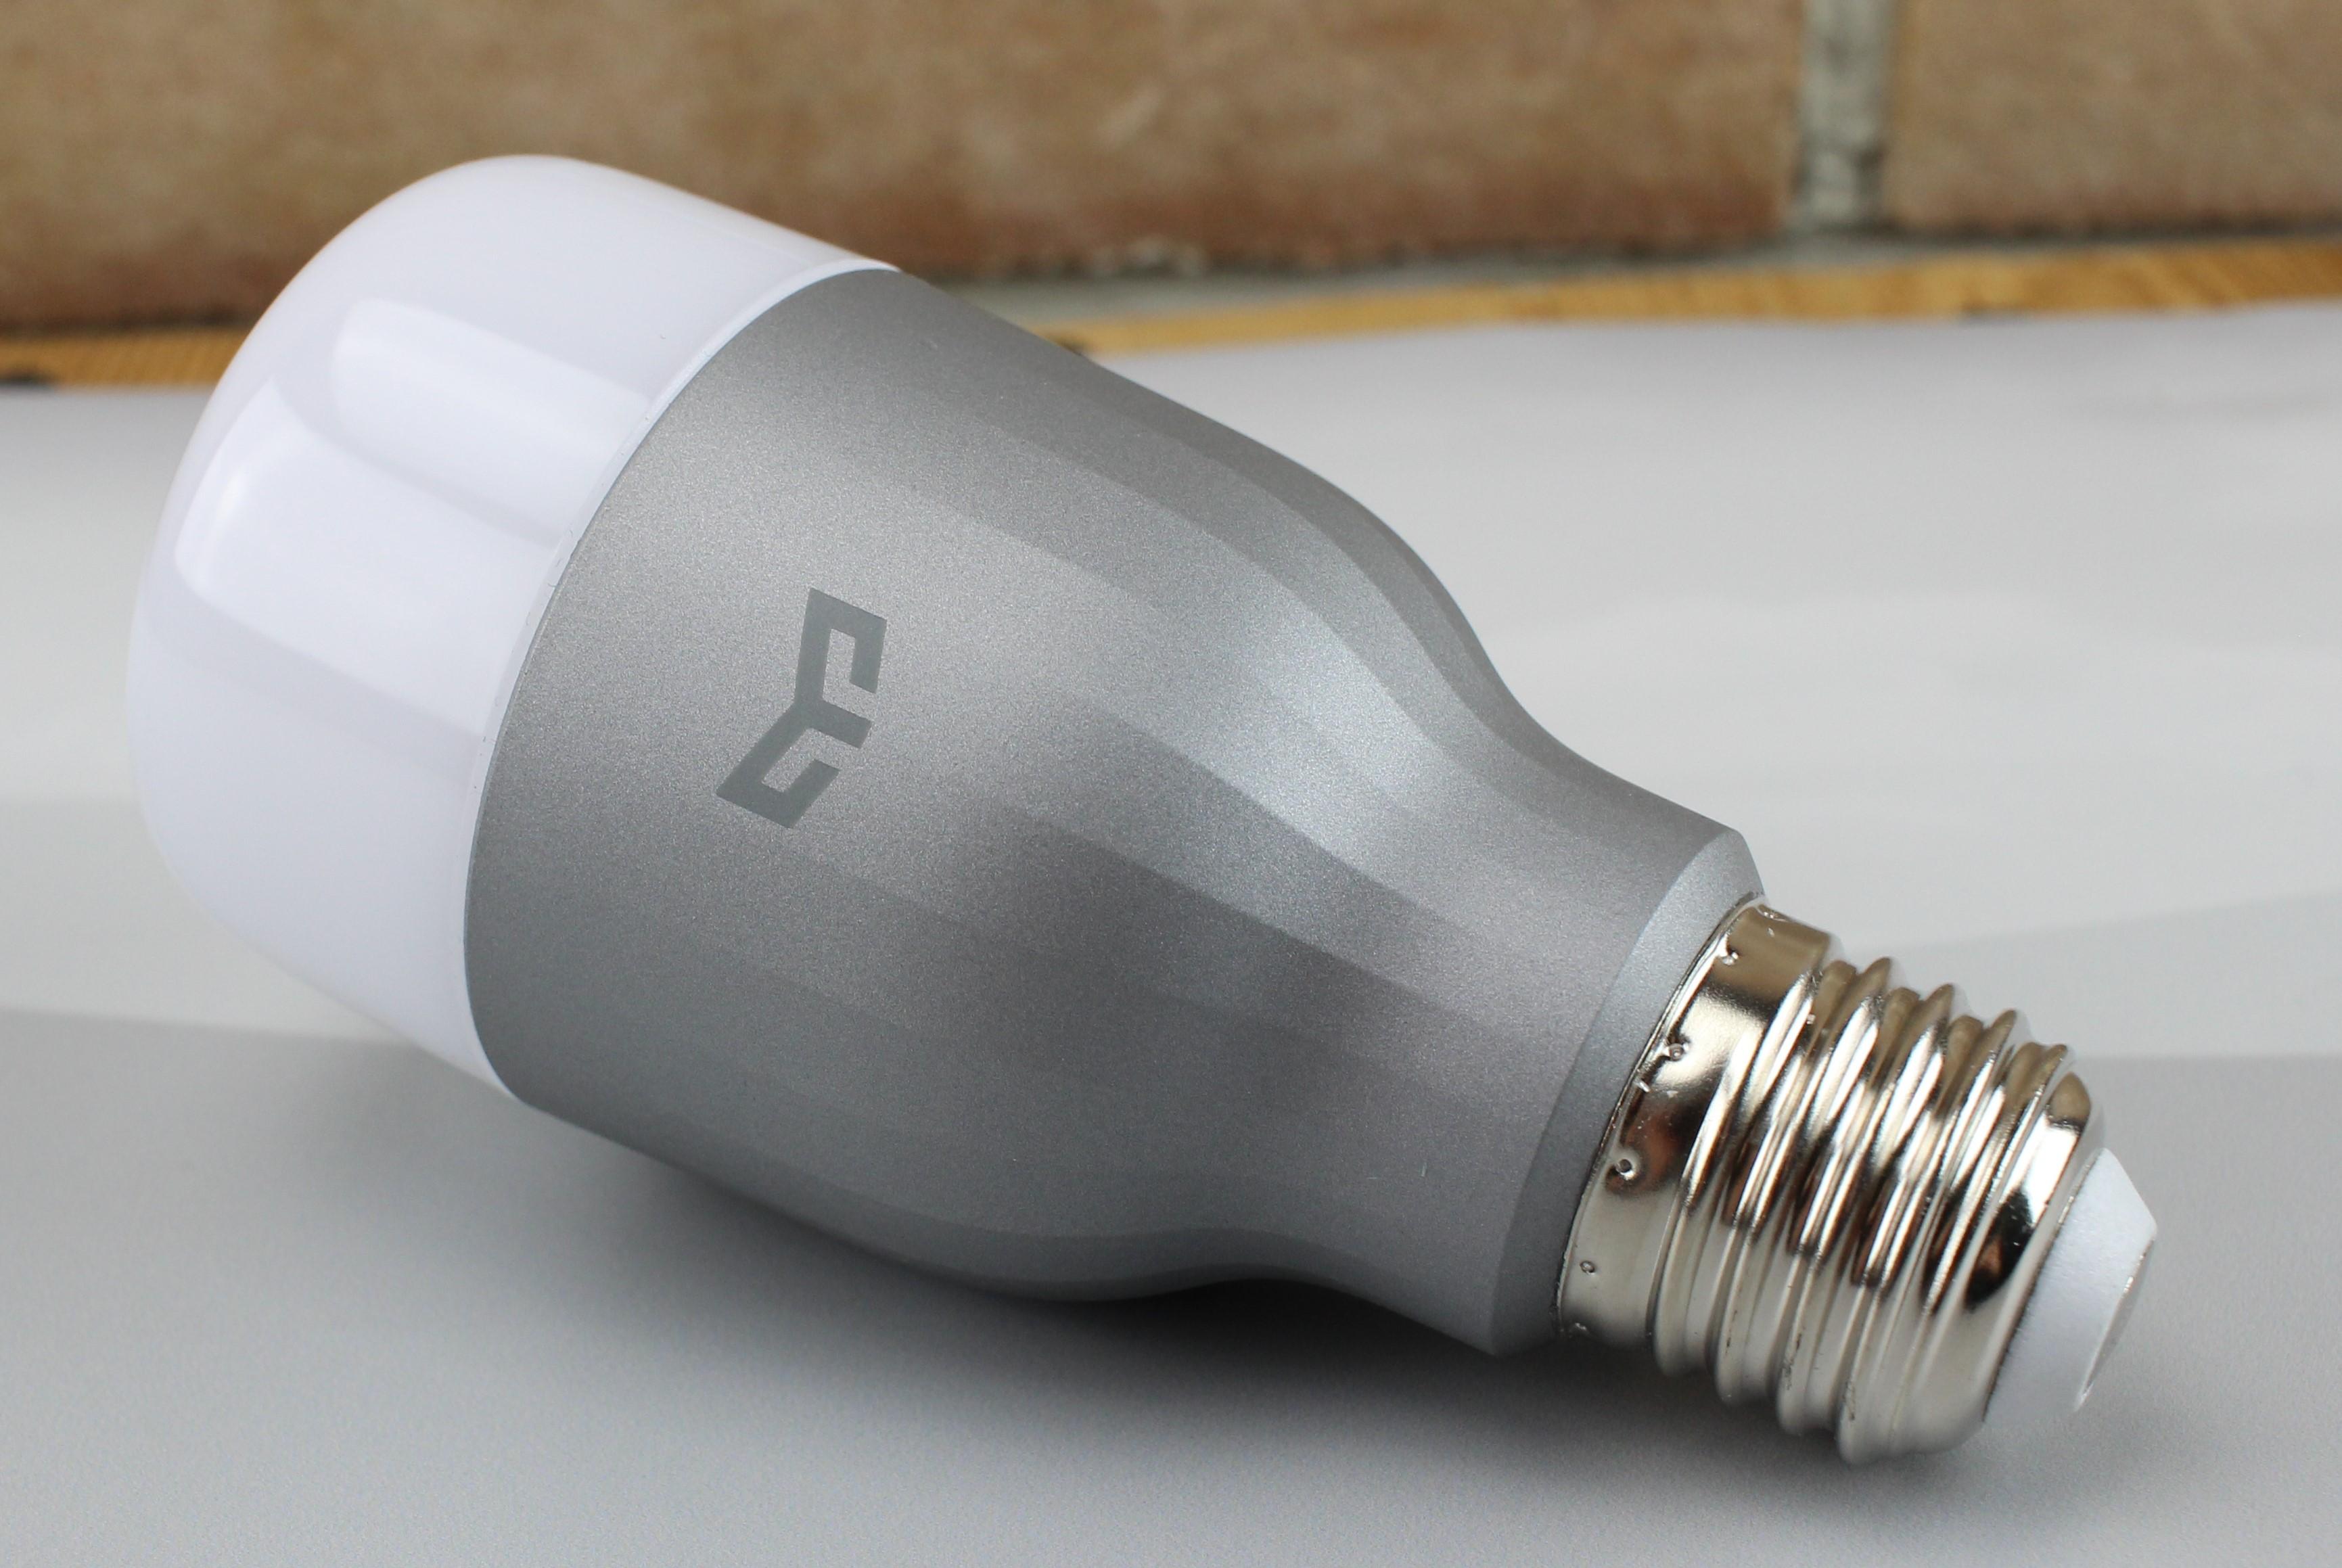 Xiaomi Yeelight Smart LED Glühbirne in verschiedenen Varianten im Test